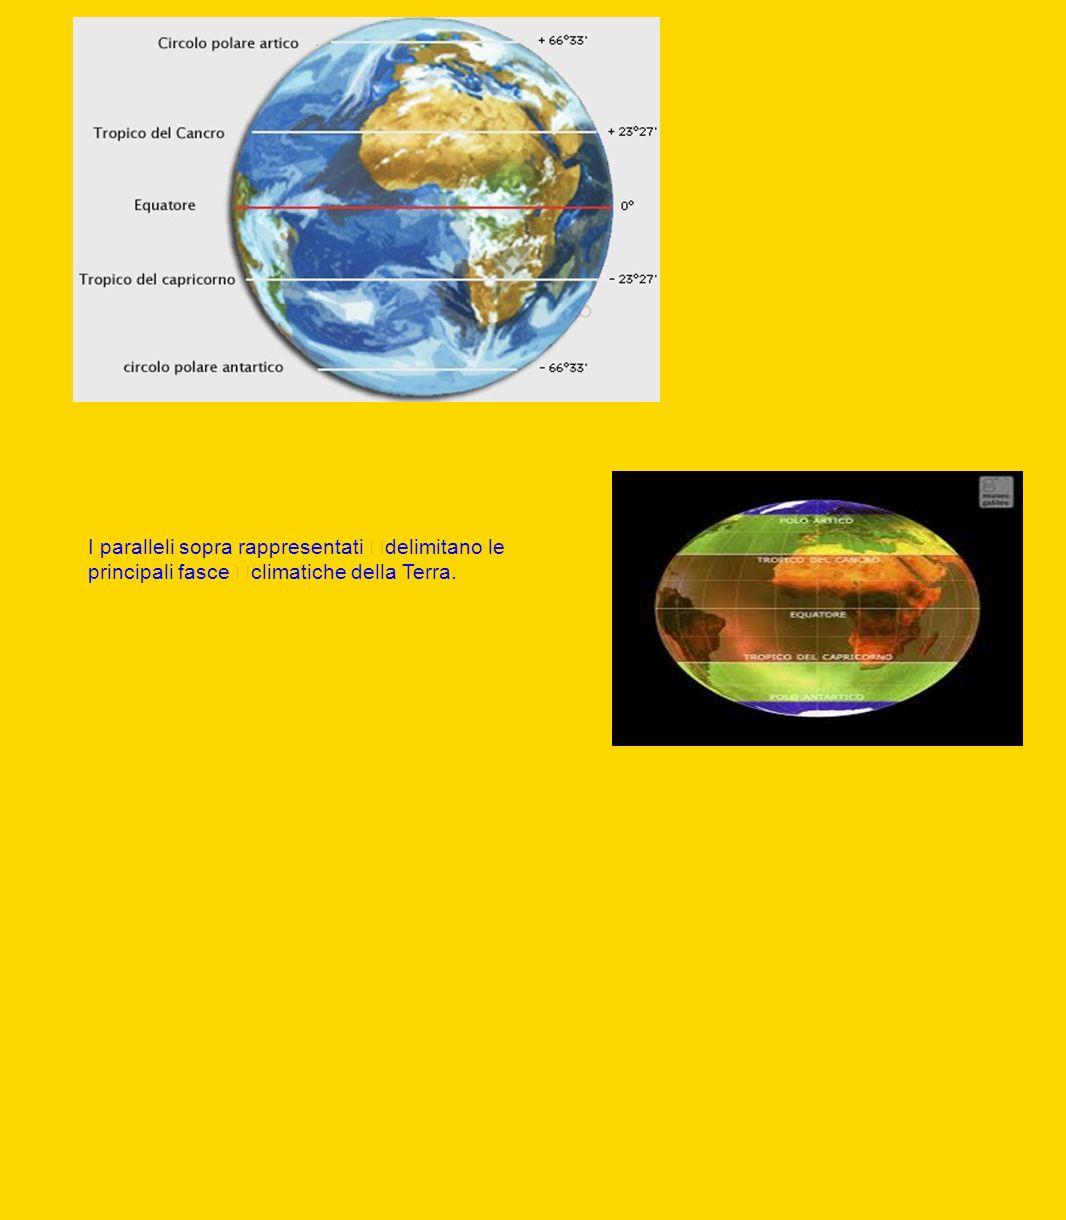 I paralleli sopra rappresentati delimitano le principali fasce climatiche della Terra.